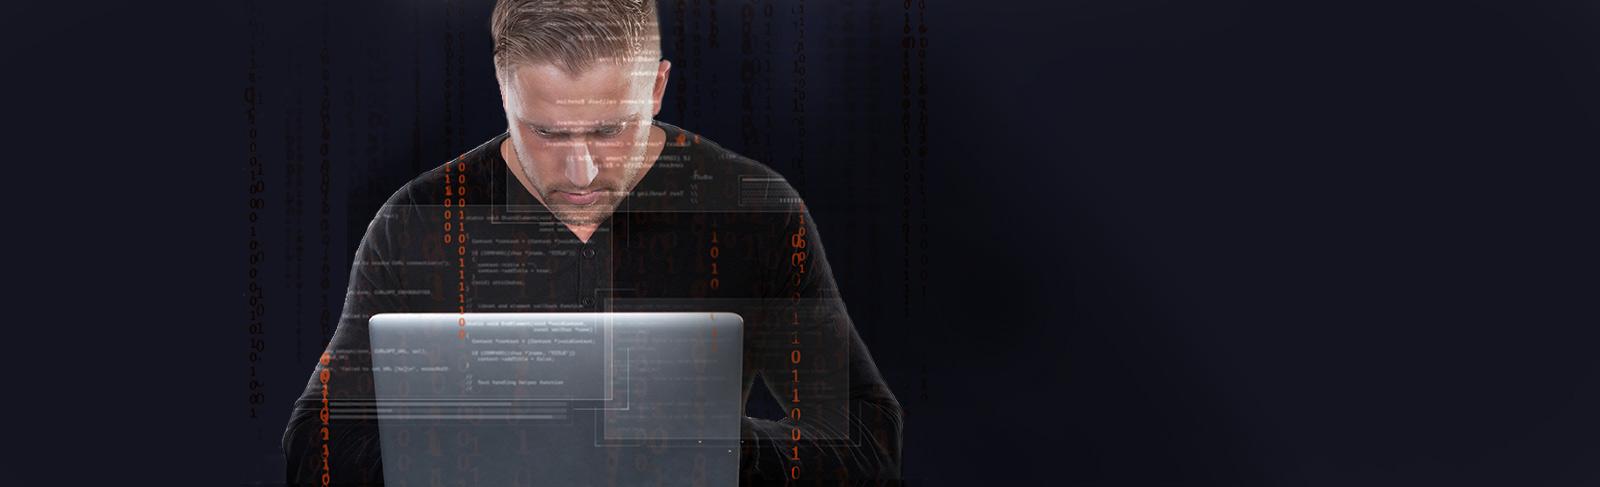 Internetsicherheit: Wie sicher sind Ihre Systeme?